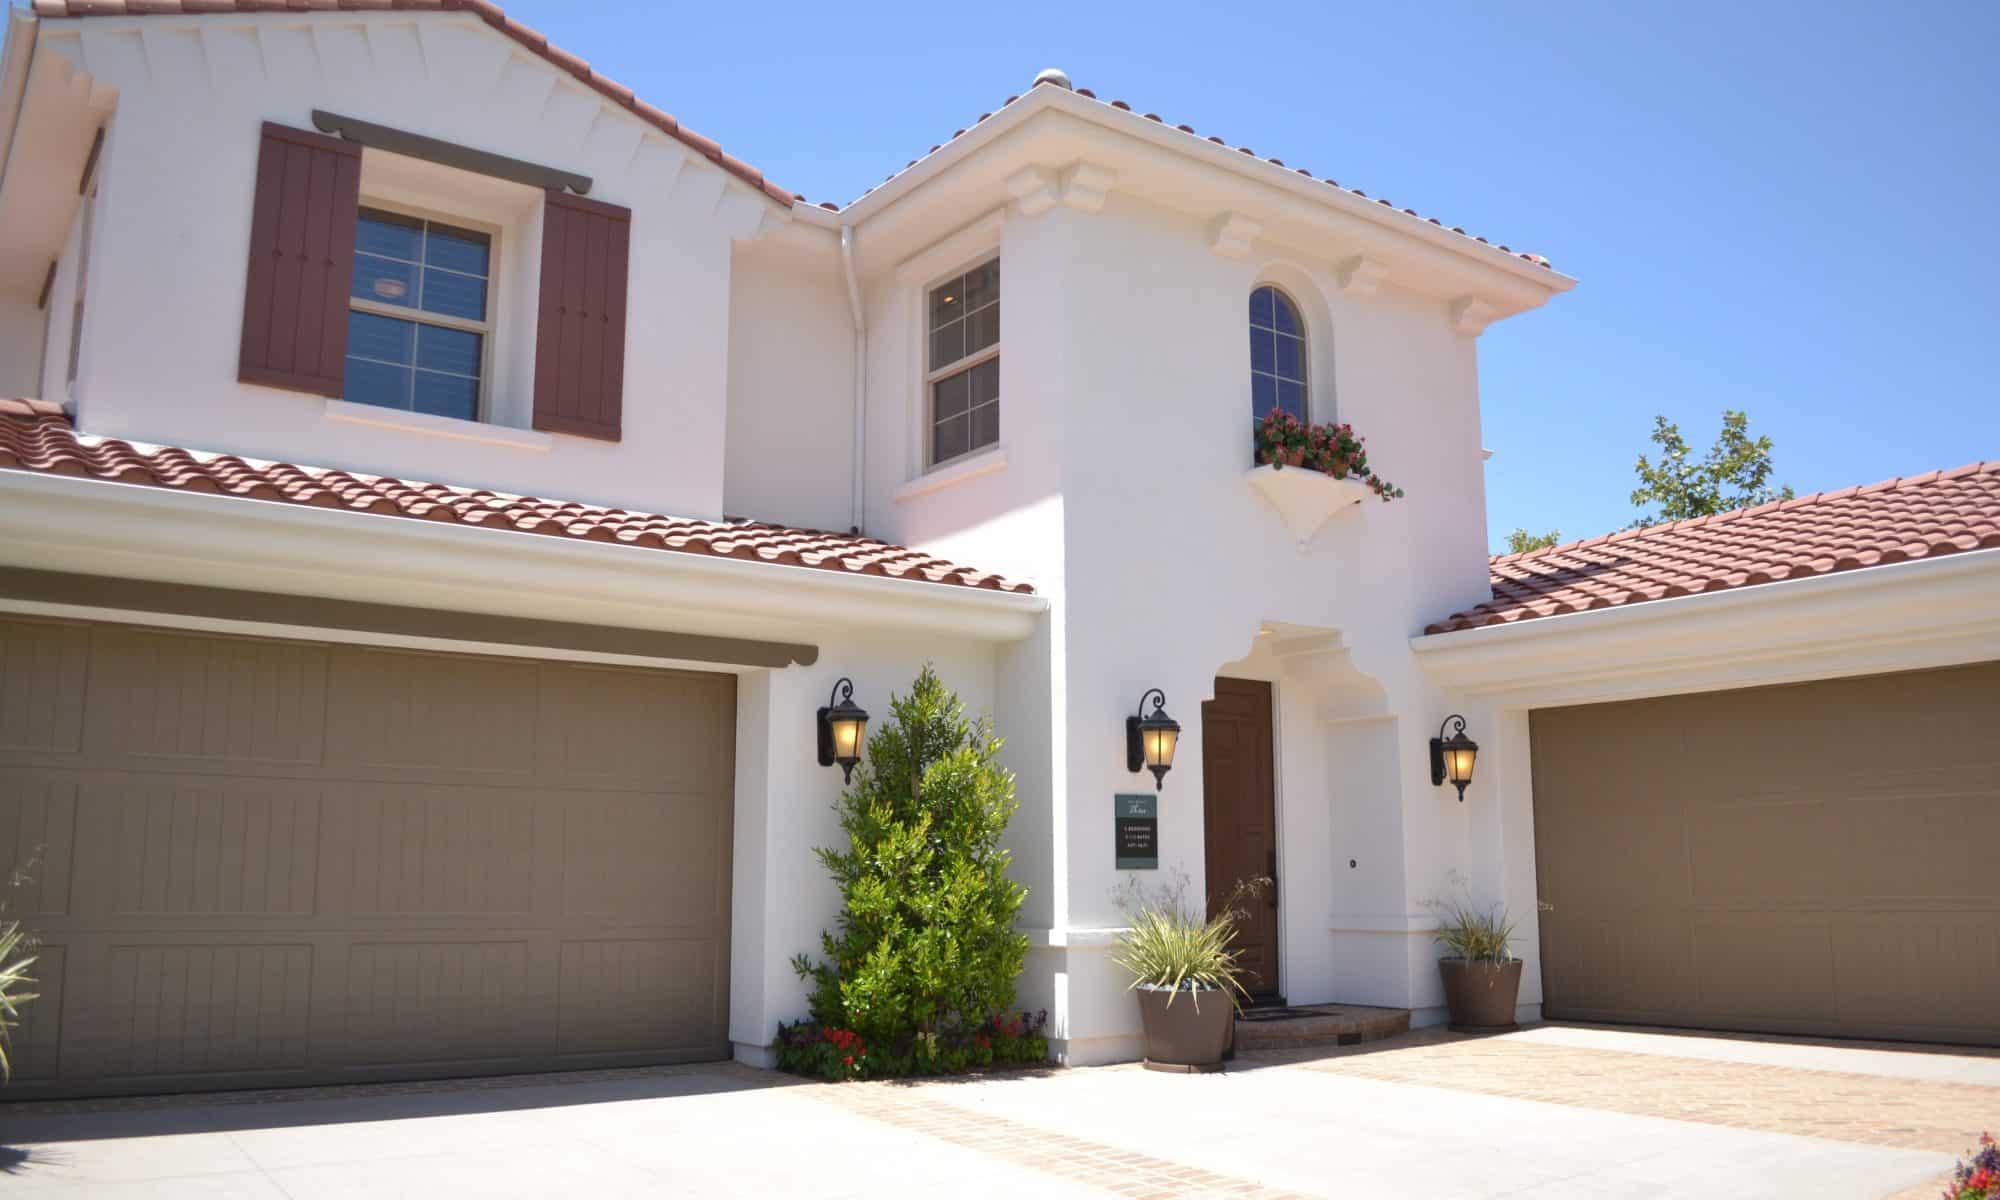 house with garage doors